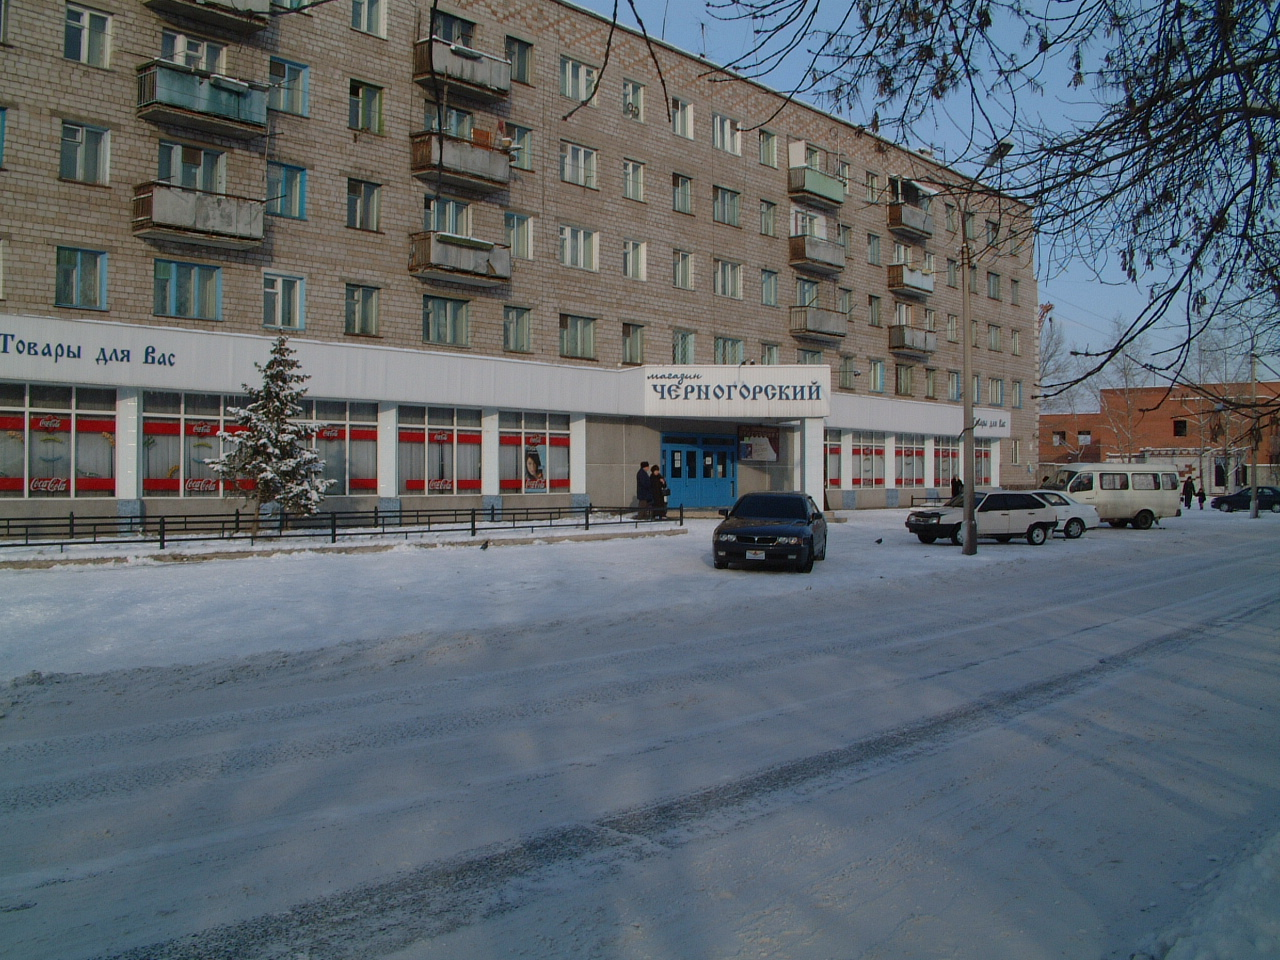 Cernogorsk